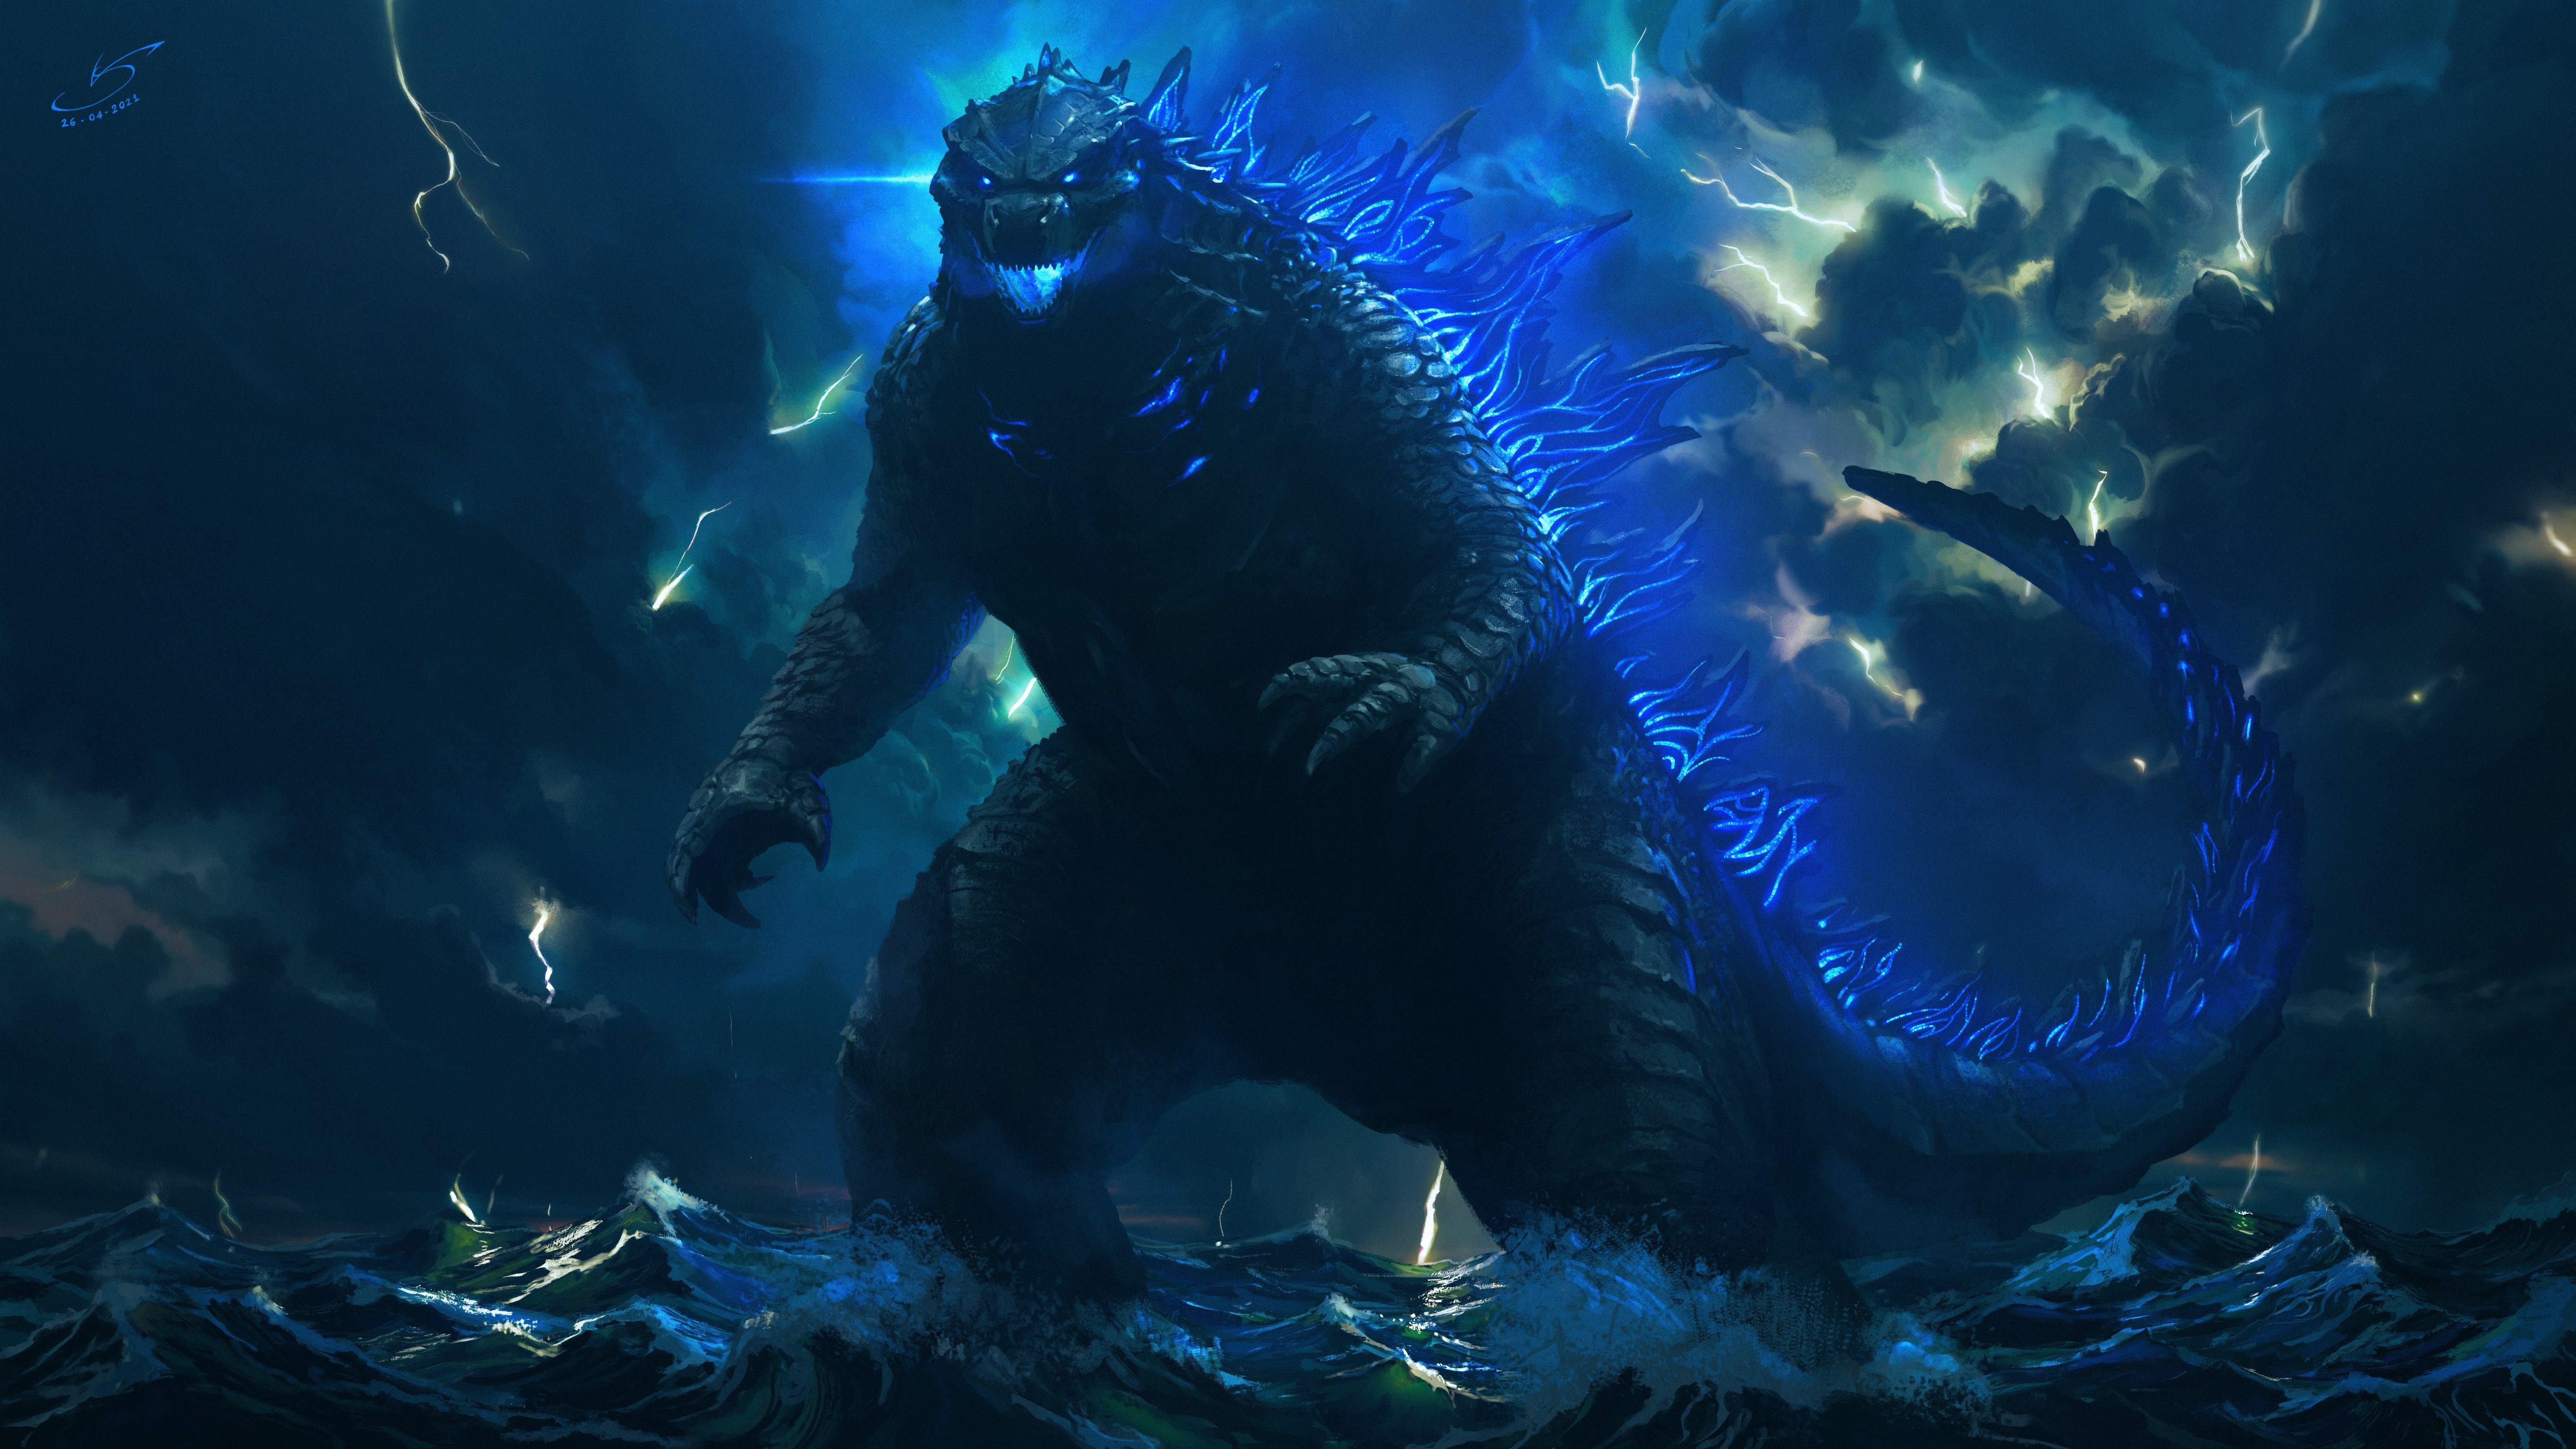 Wallpaper Godzilla 2021